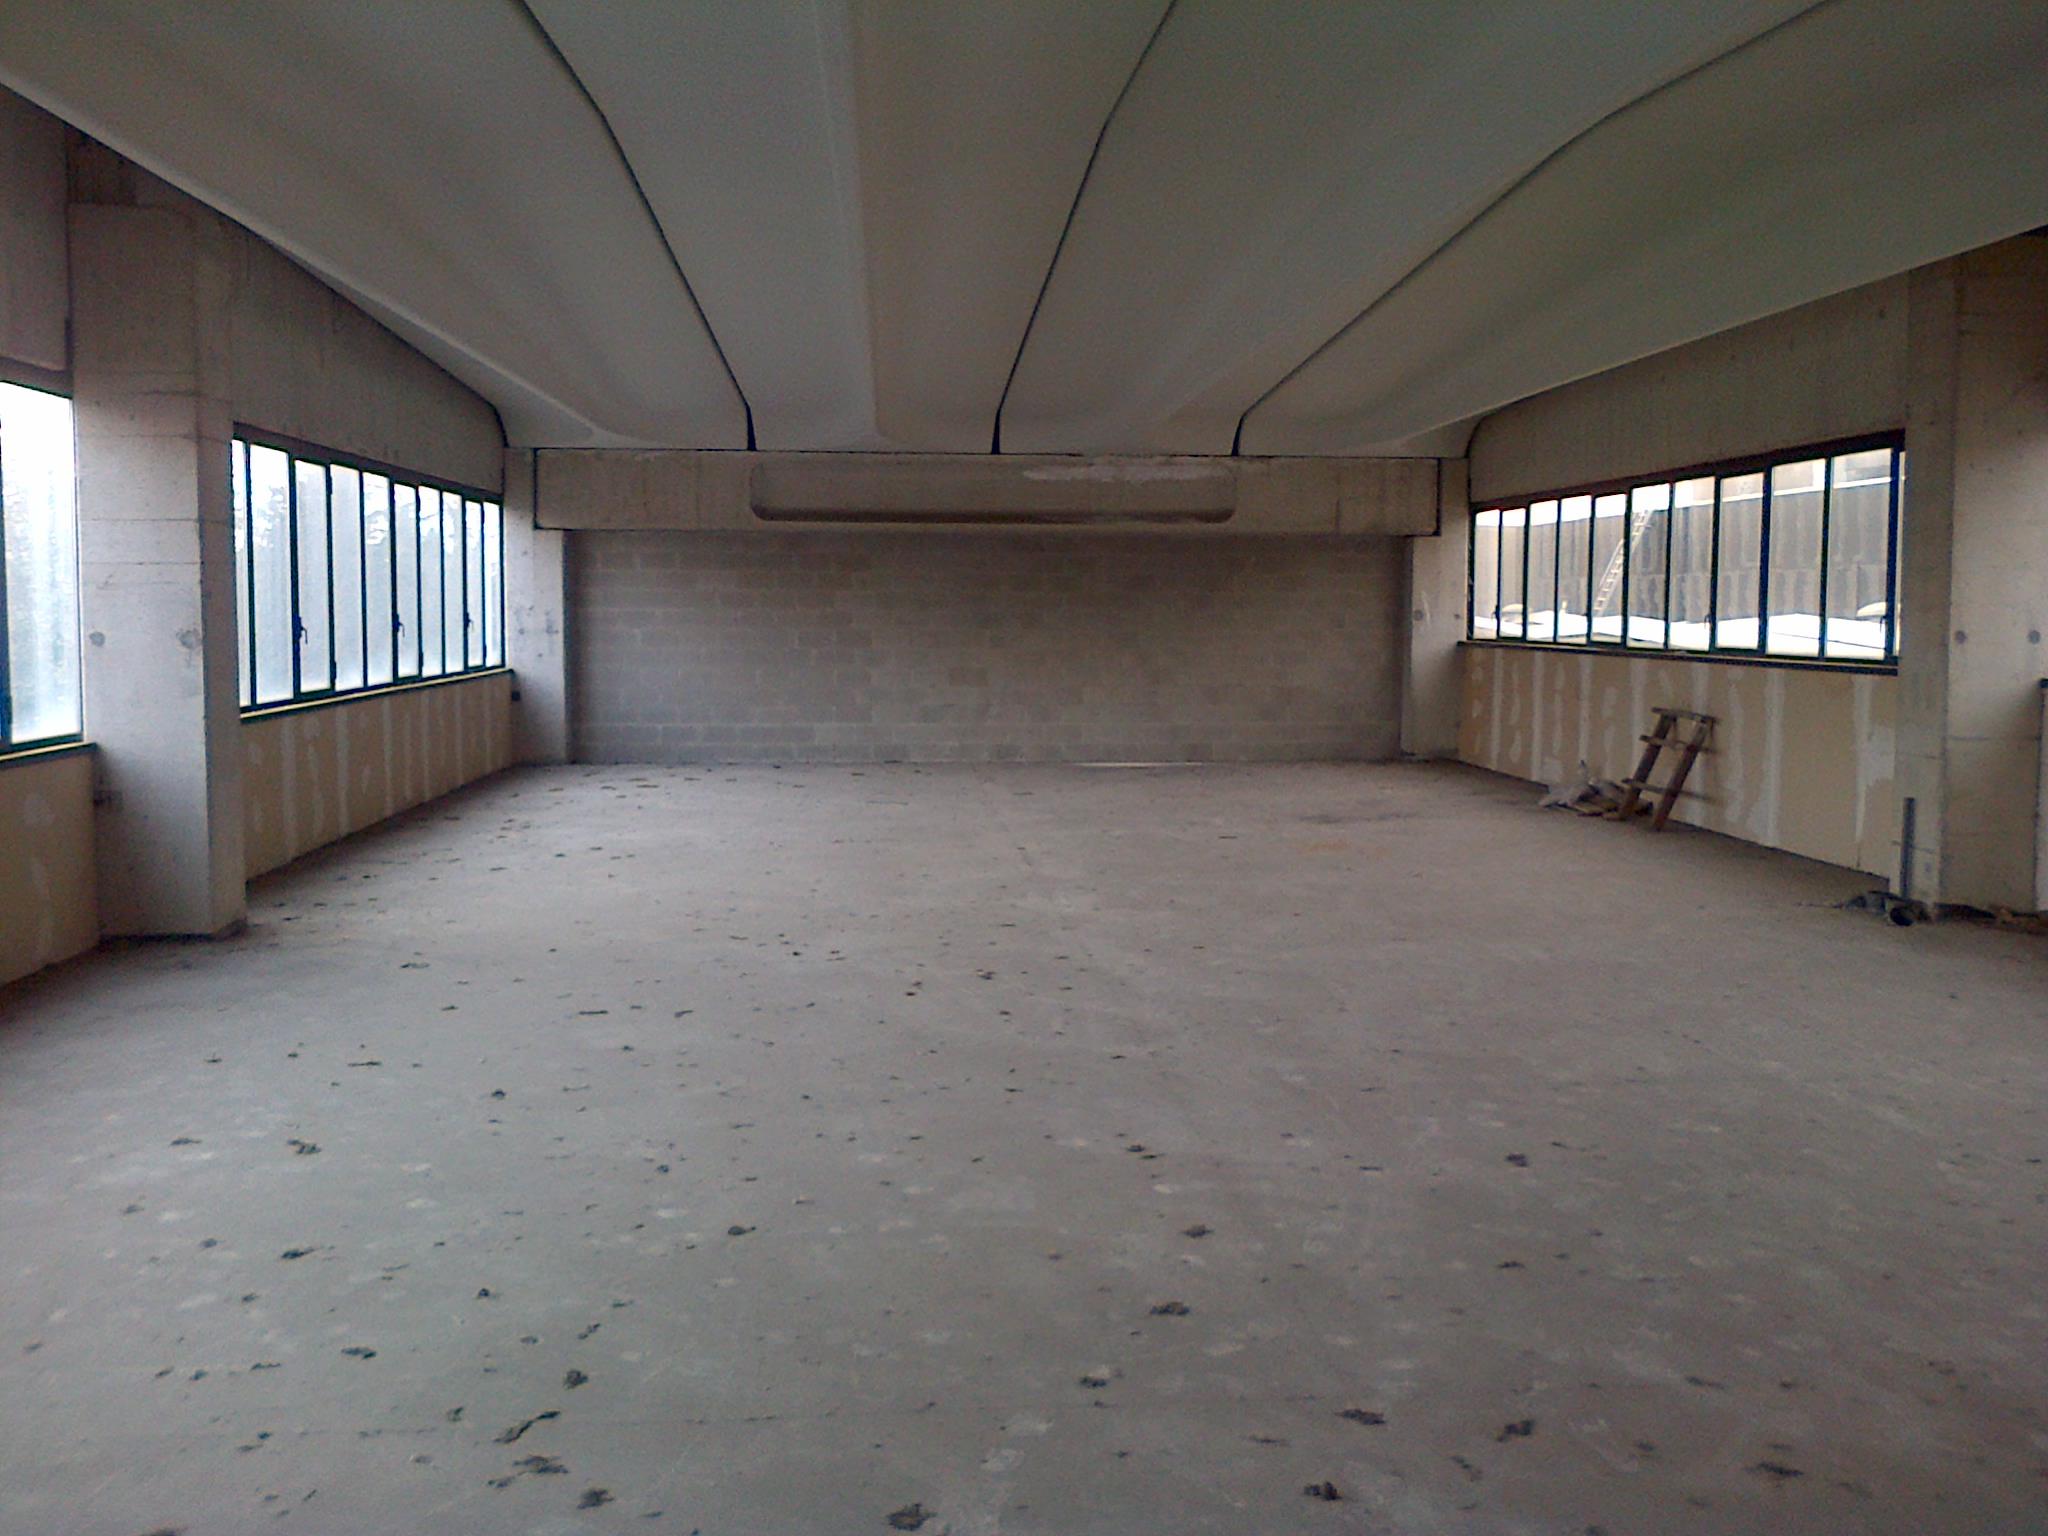 2205 biassono capannone industriale con uffici affitto for Uffici in affitto milano